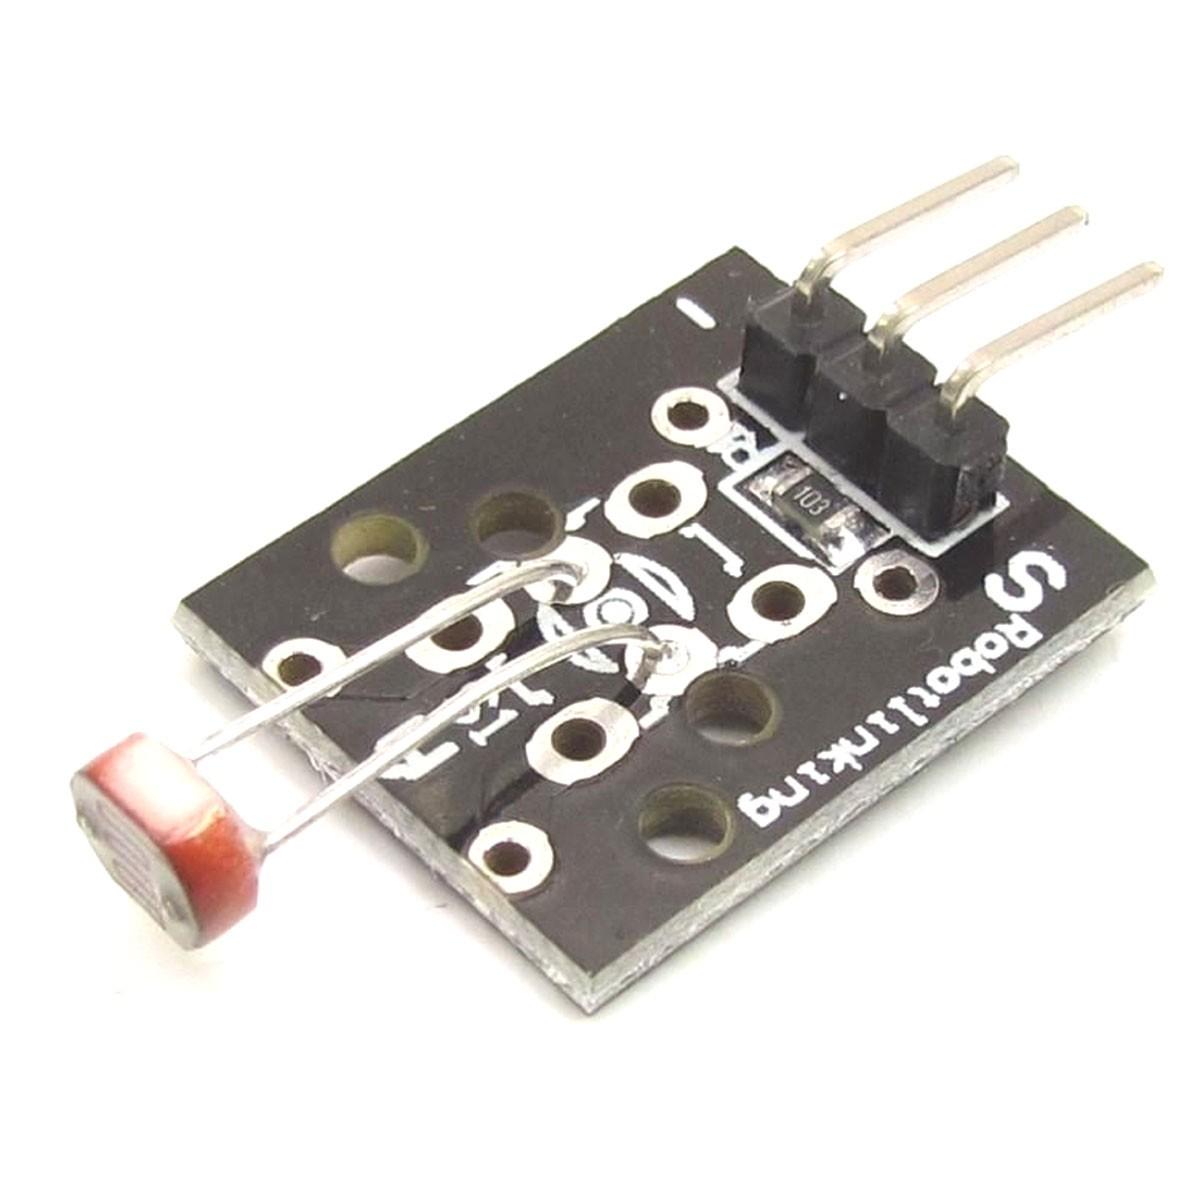 Módulo Sensor de Luminosidade Fotoresistor LDR - KY-018